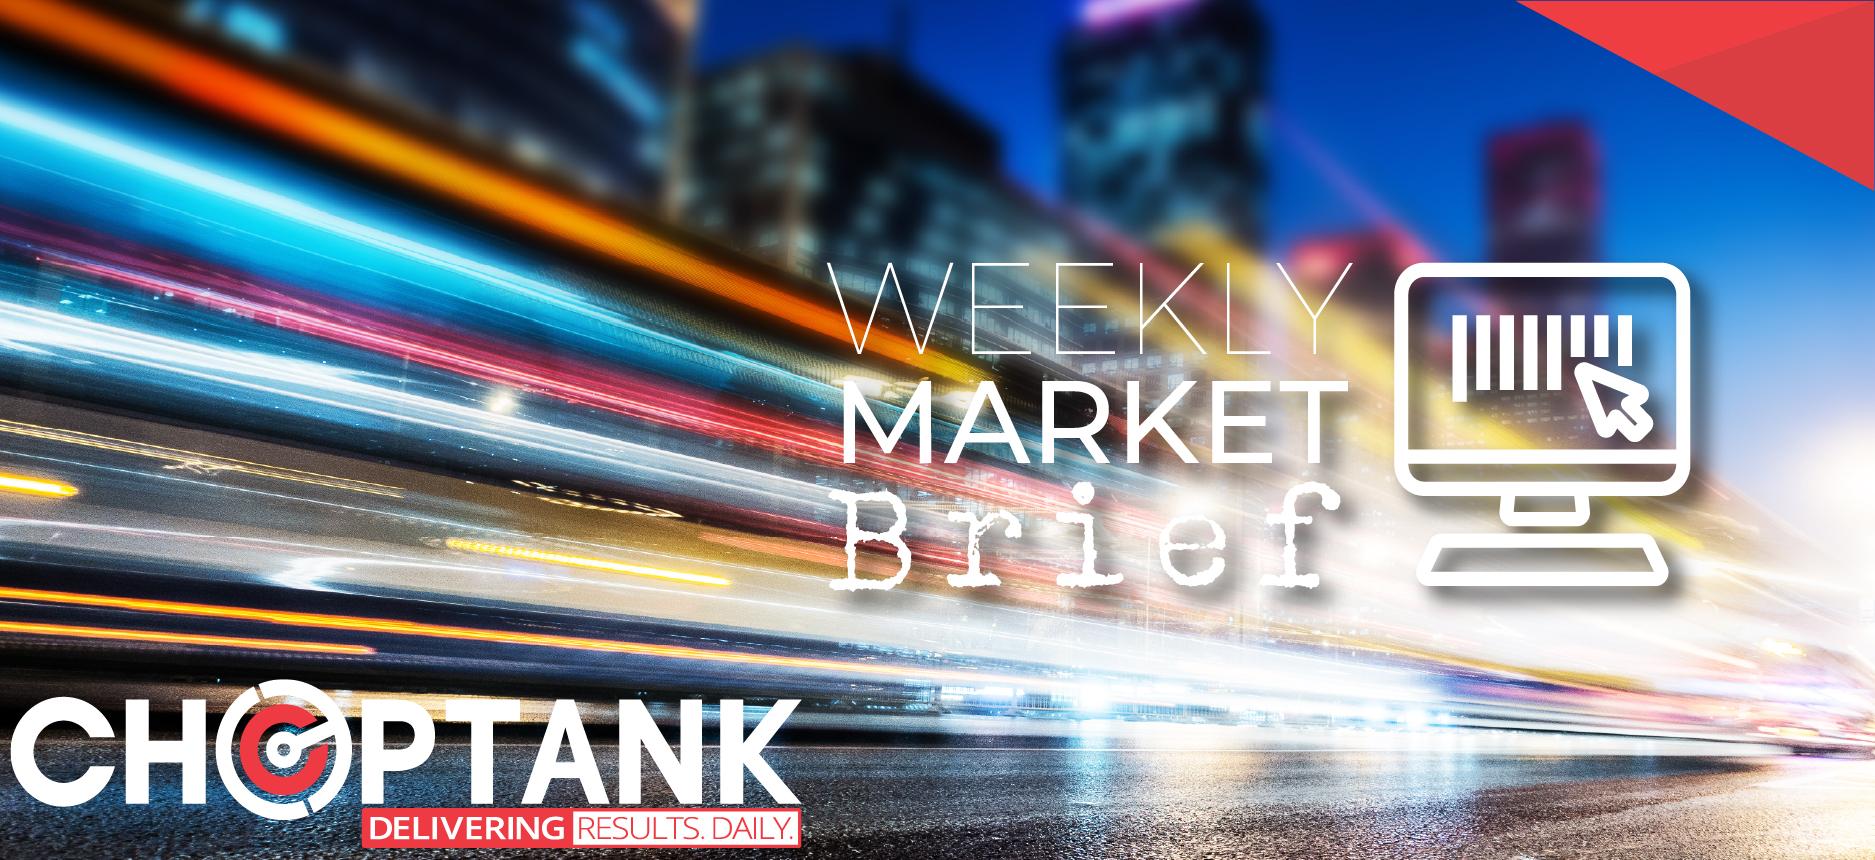 weekly market brief